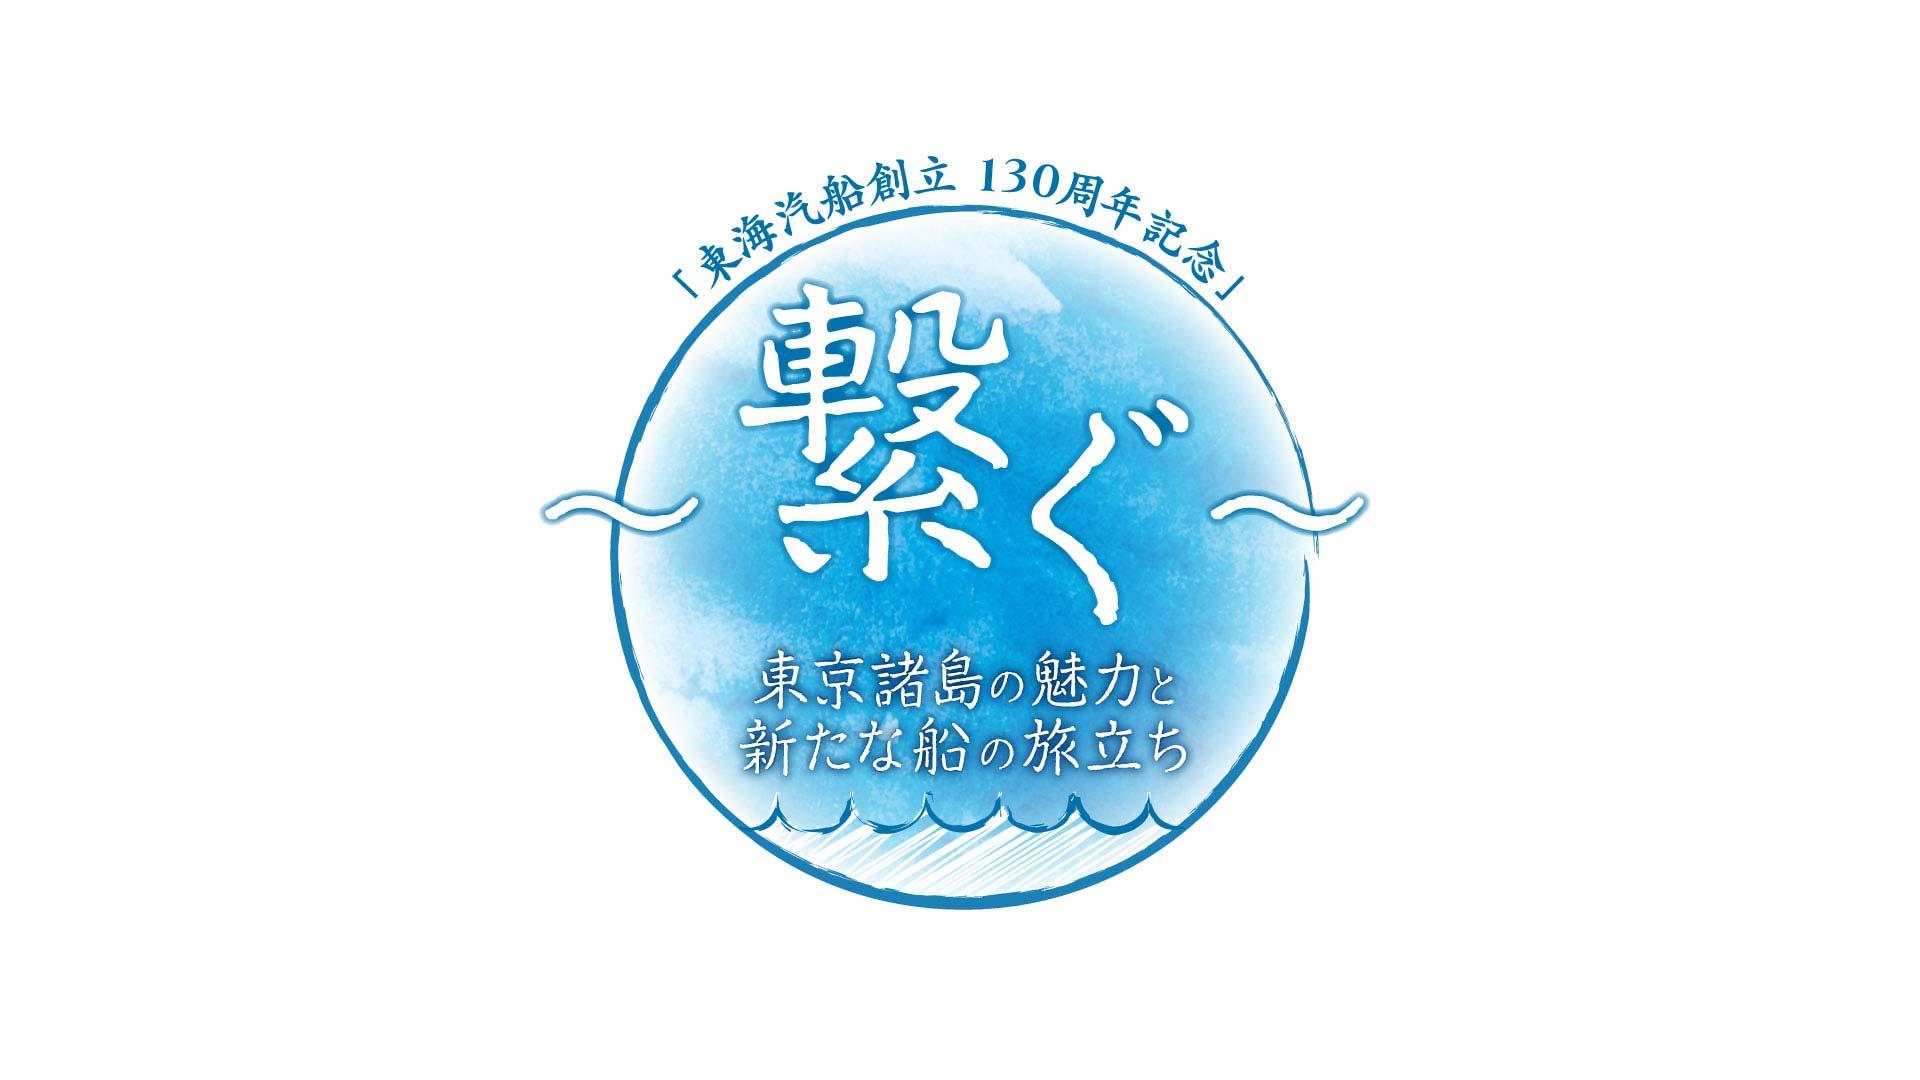 「東海汽船創立130周年記念」〜繋ぐ〜 東京諸島の魅力と新たな船の旅立ち